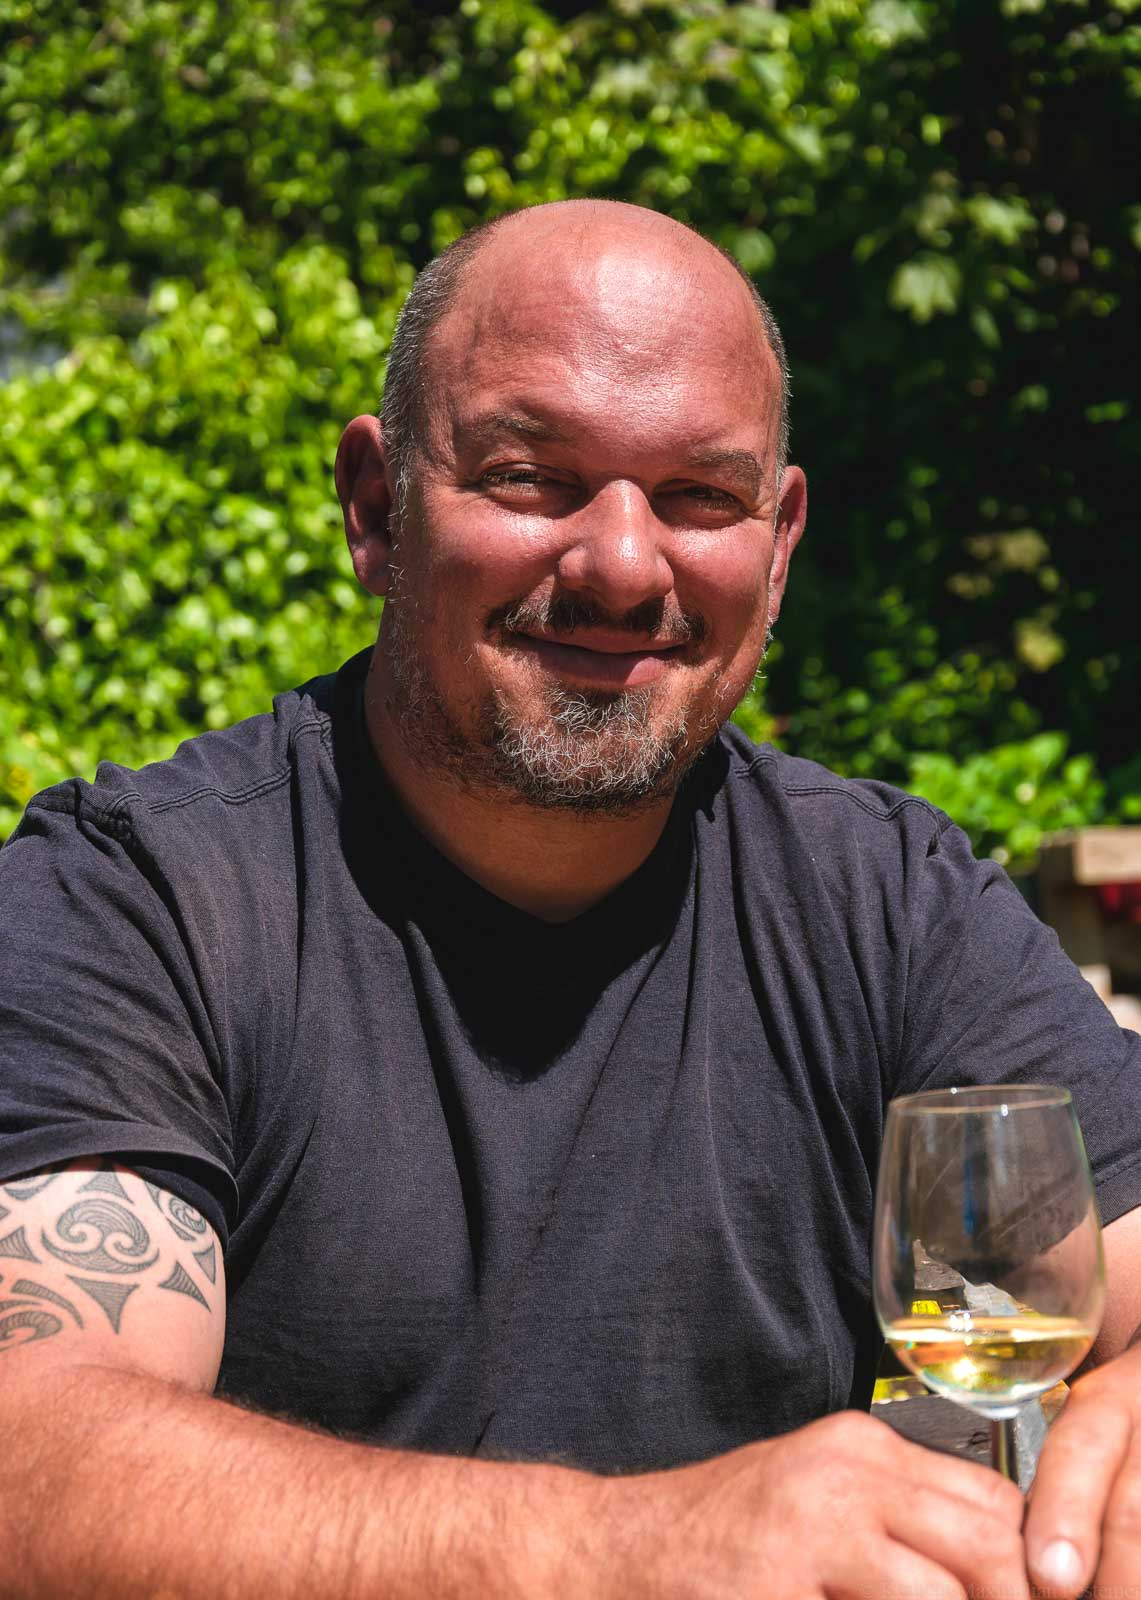 Torsten Meyer Toravino Profilbild im Sommer vor grünem Hintergrund